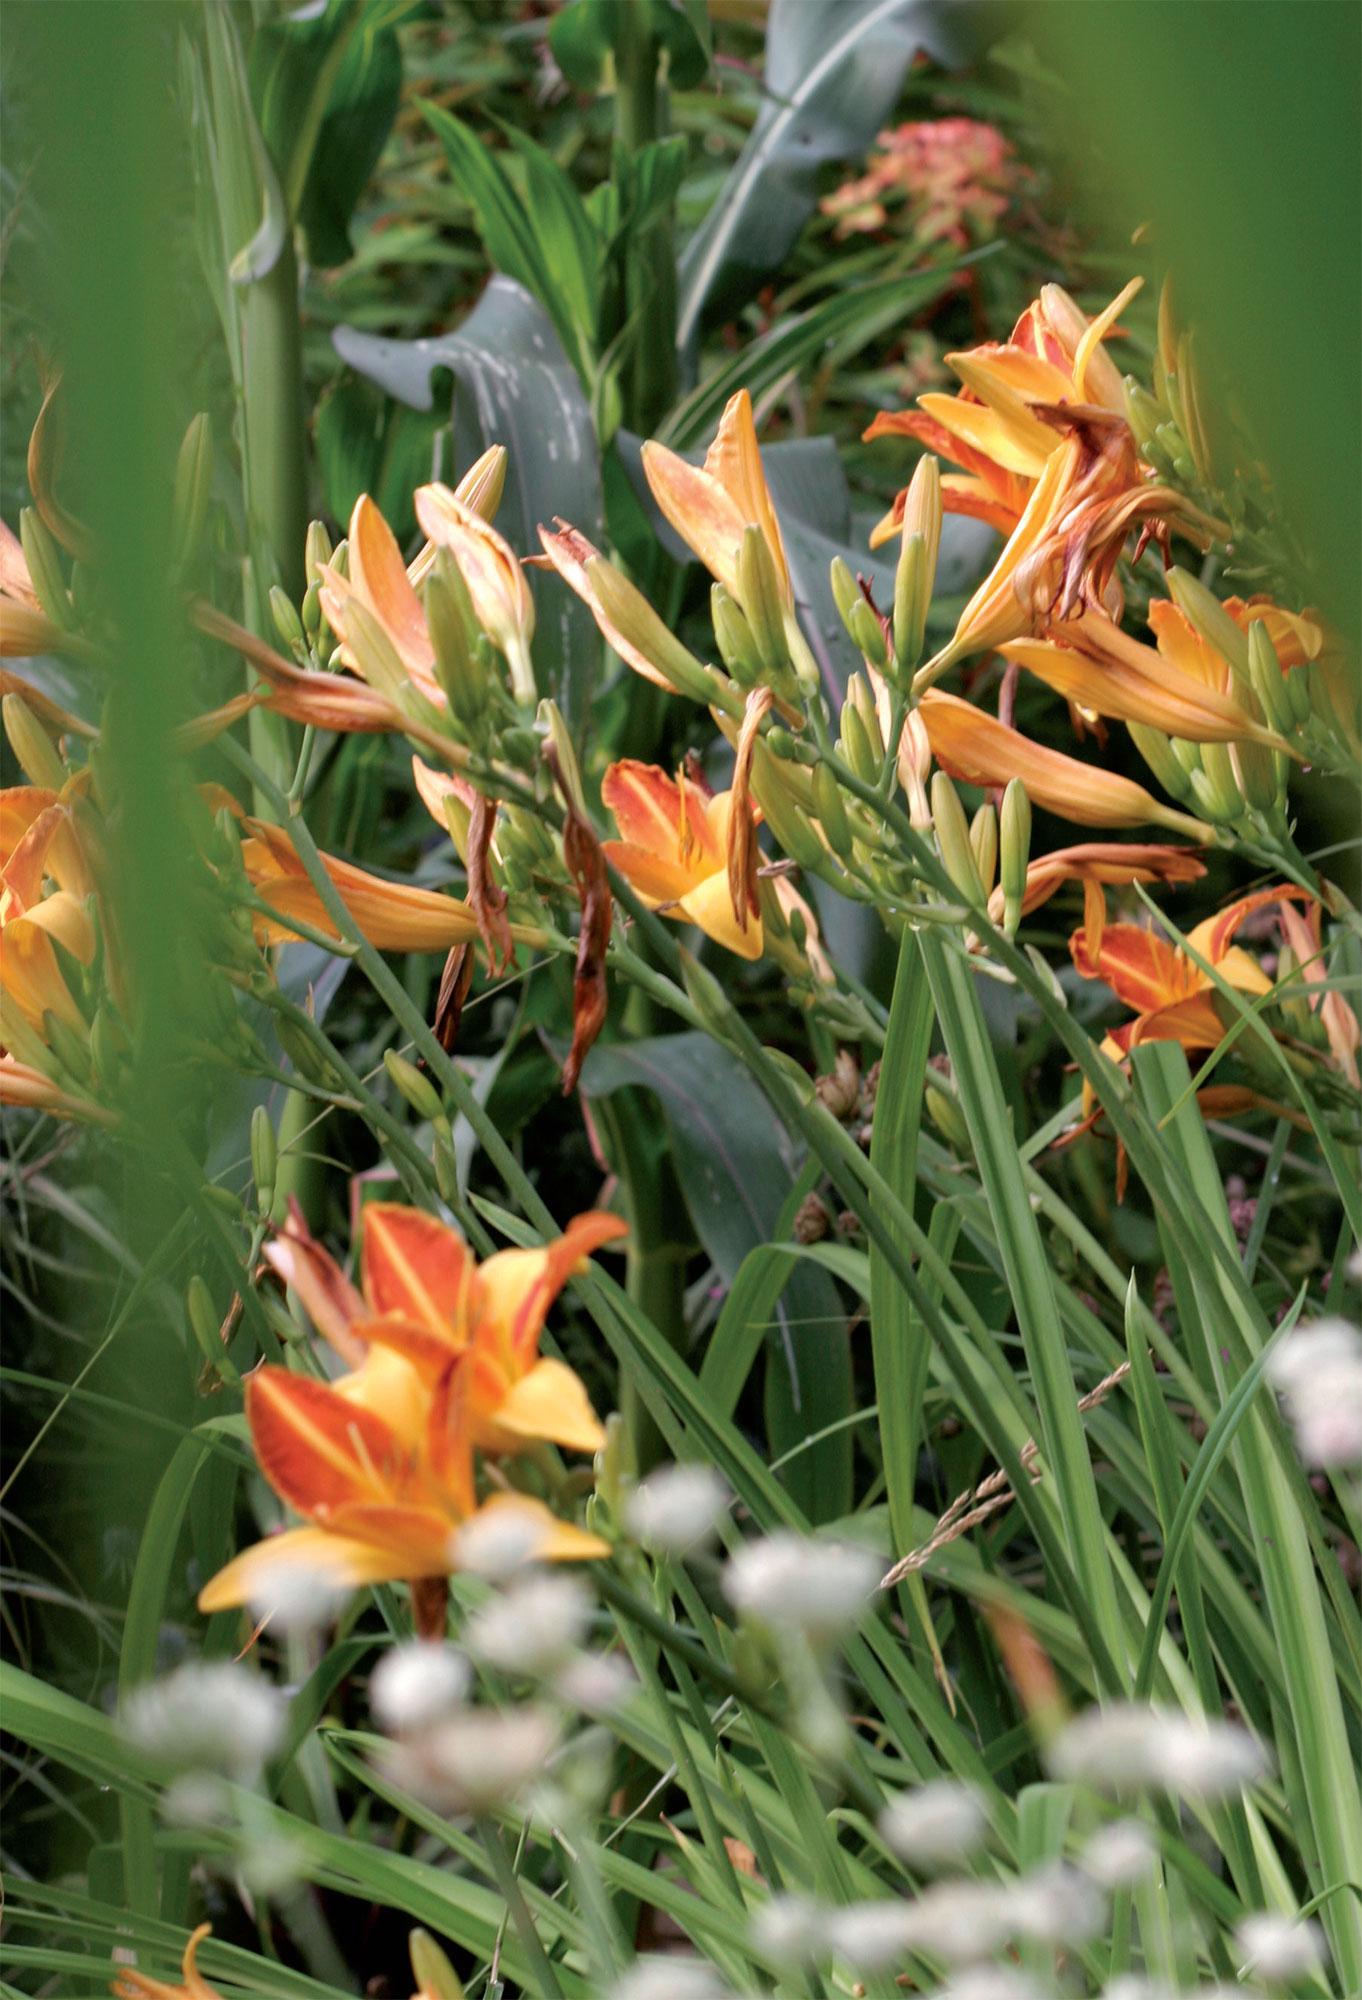 Pävänliljan (Hemerocallis) oranssi Frans Hals -lajike on parhaimmillaan heinäkuussa.